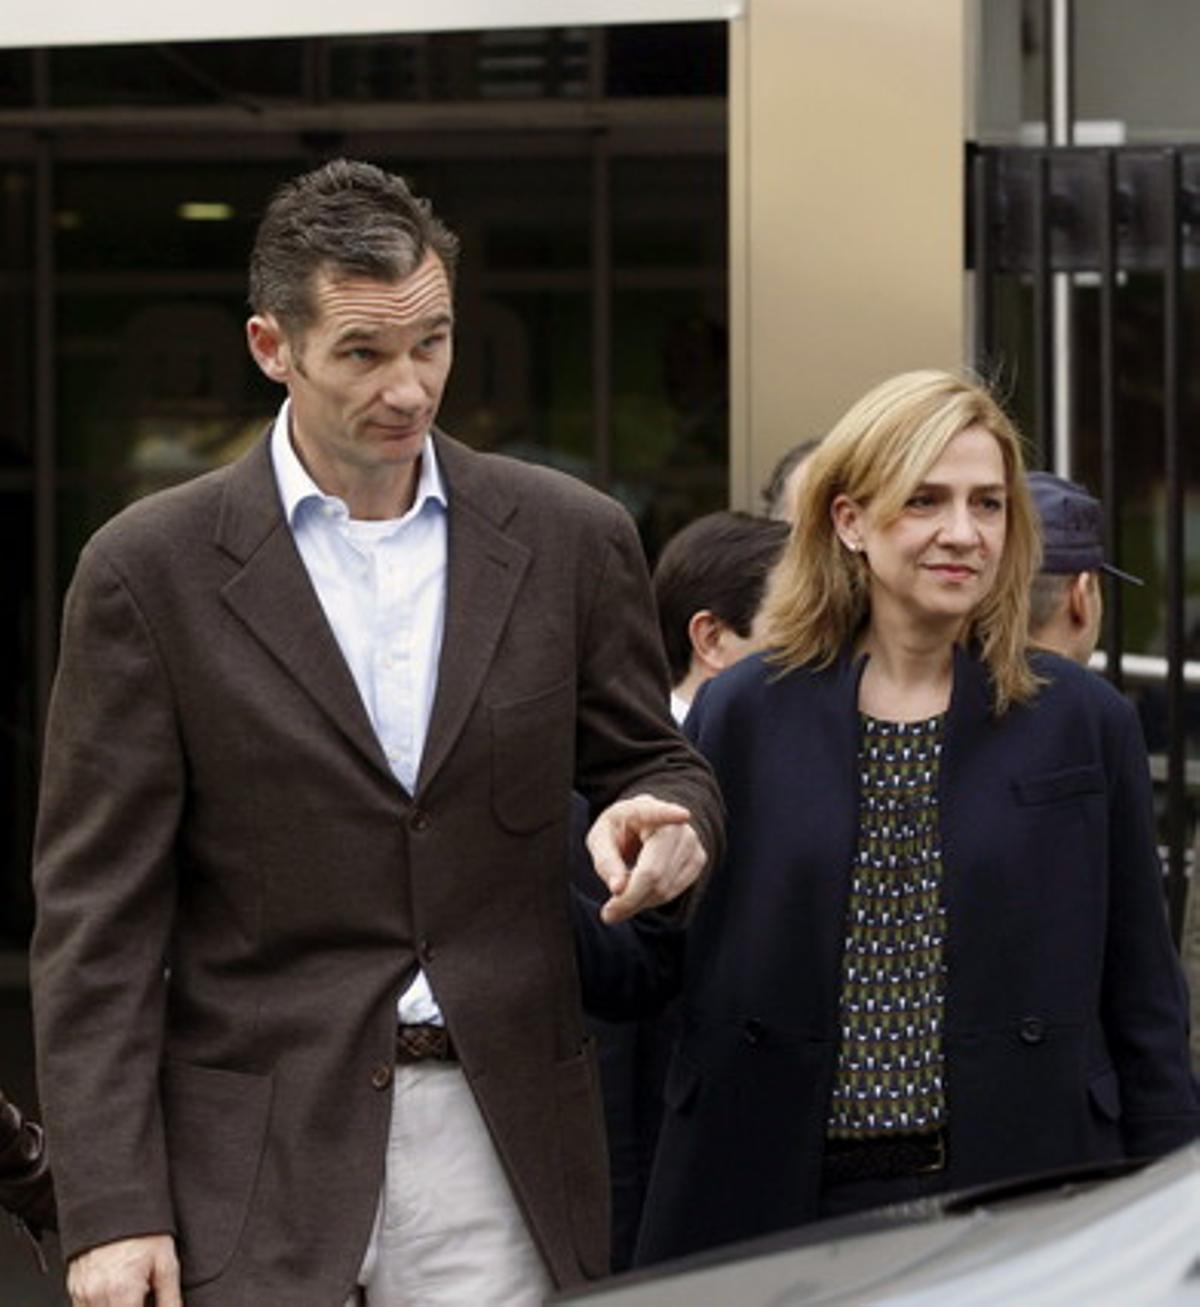 La infanta Cristina y su esposo, Iñaki Urdangarín, el 25 de noviembre pasado, en Madrid.